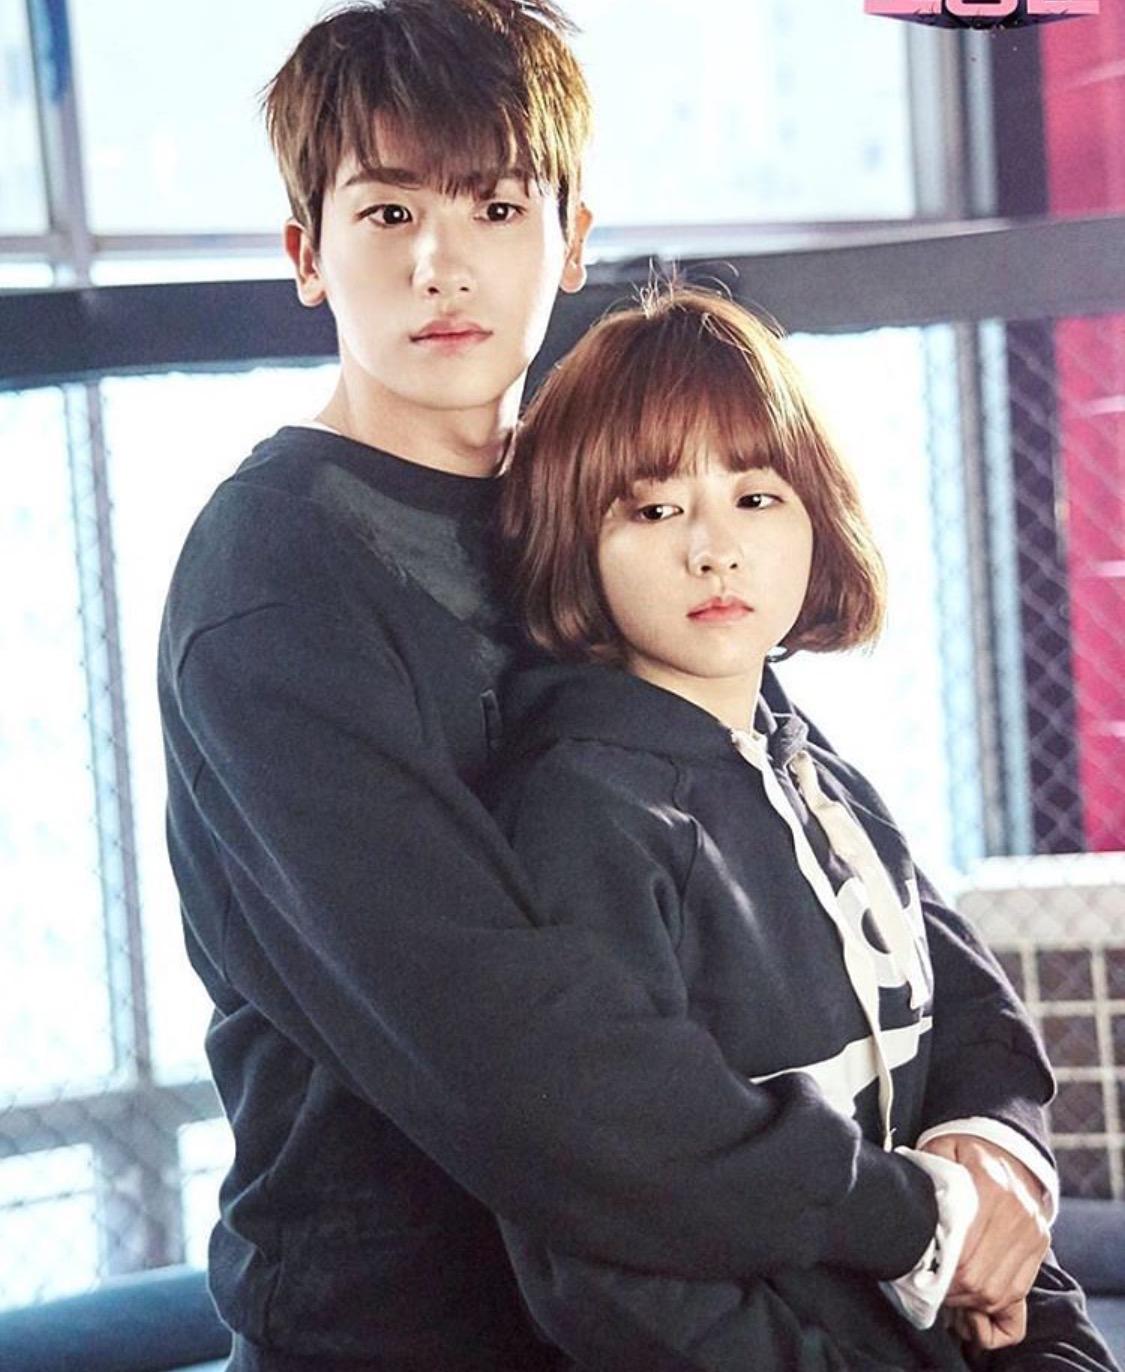 10 cặp đôi màn ảnh được fan phim Hàn kêu gào đòi tái hợp: Số 1 đích thị là IU - Lee Jun Ki rồi! - Ảnh 23.